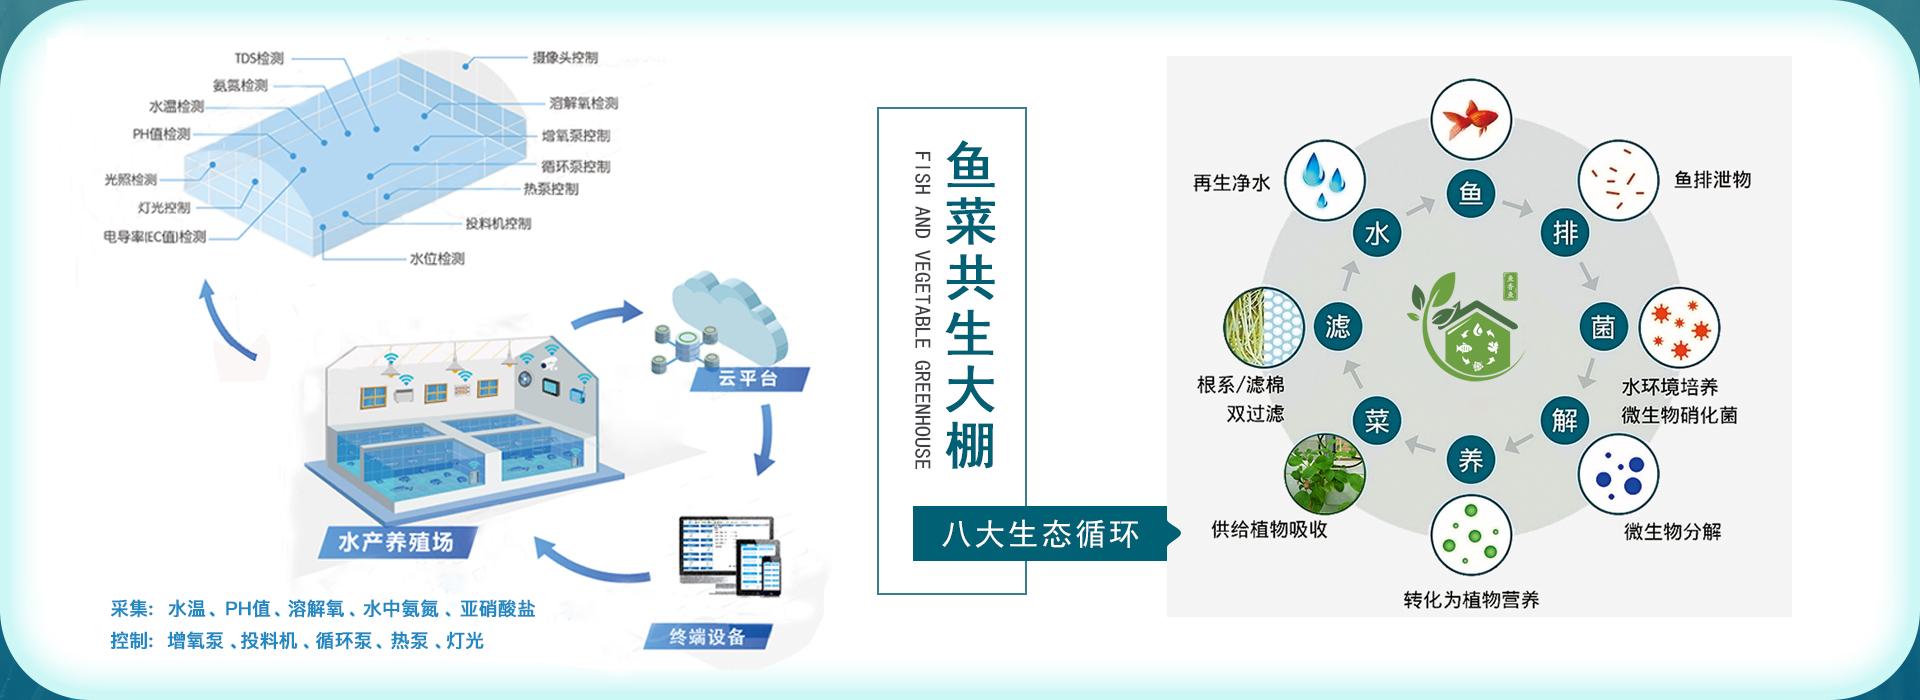 重庆磁创科技有限公司-智慧水产养殖设备